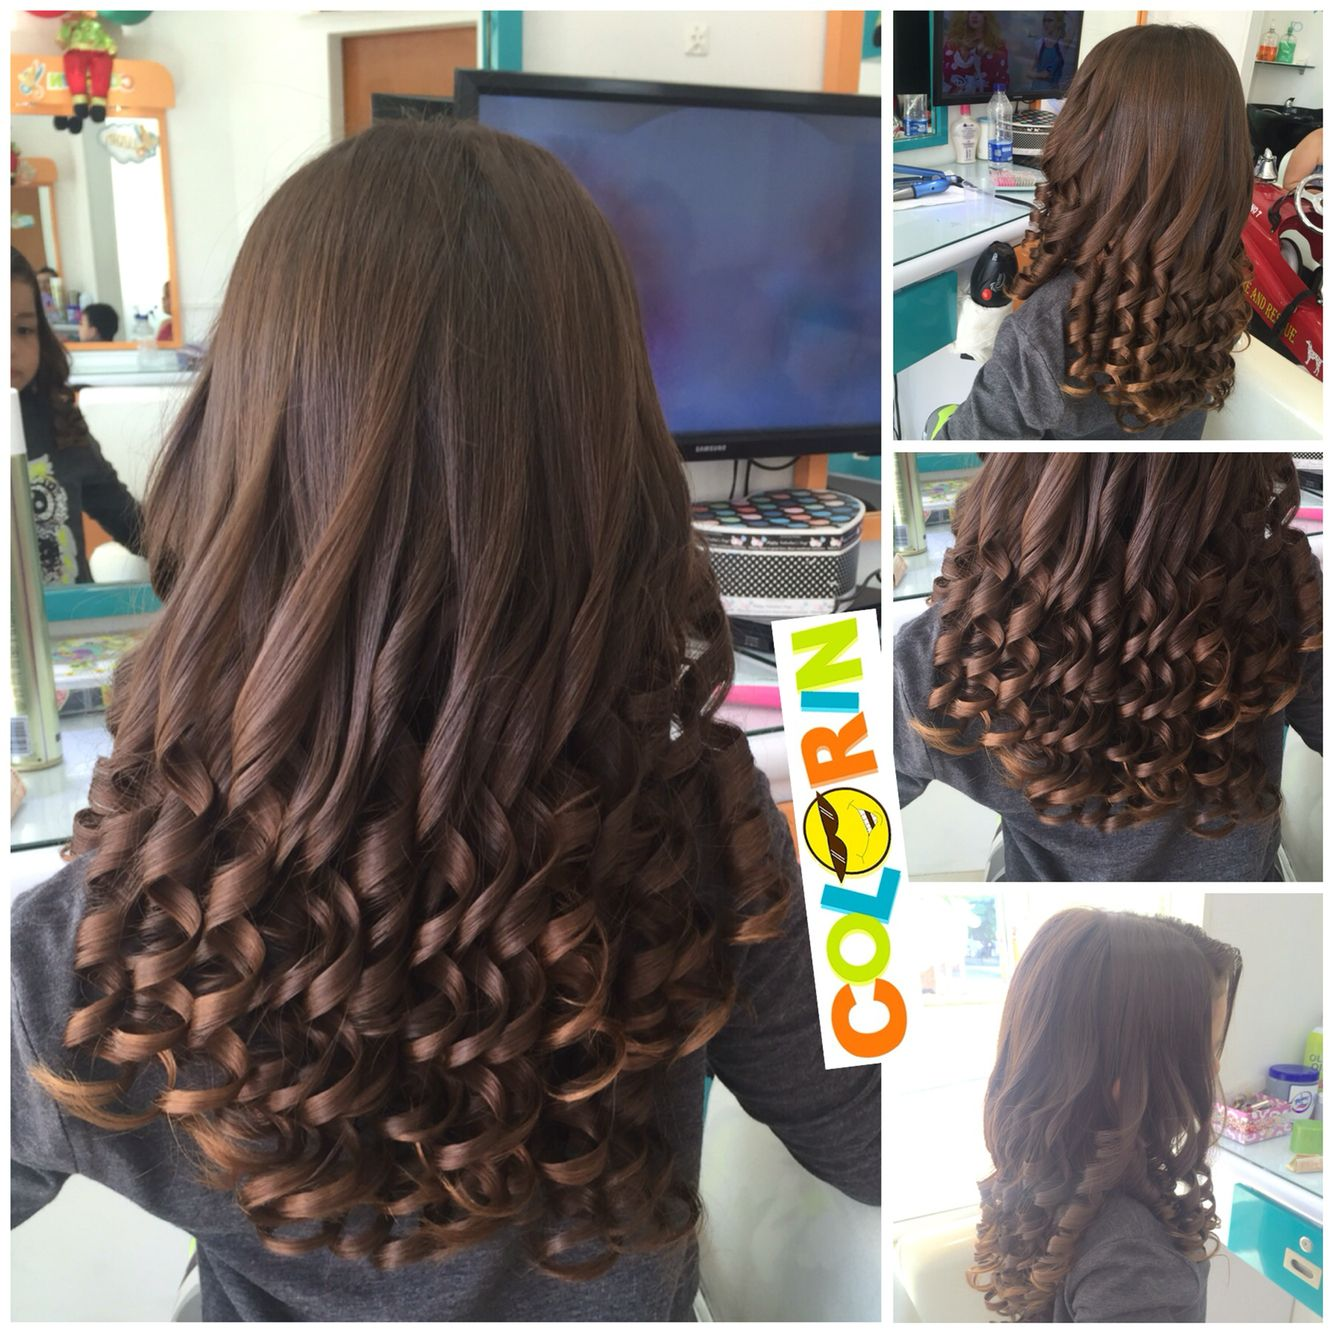 Extremadamente atractivo peinados con bucles Fotos de tendencias de color de pelo - Bucles o churcos con pinza para las nenas | Peinados ...